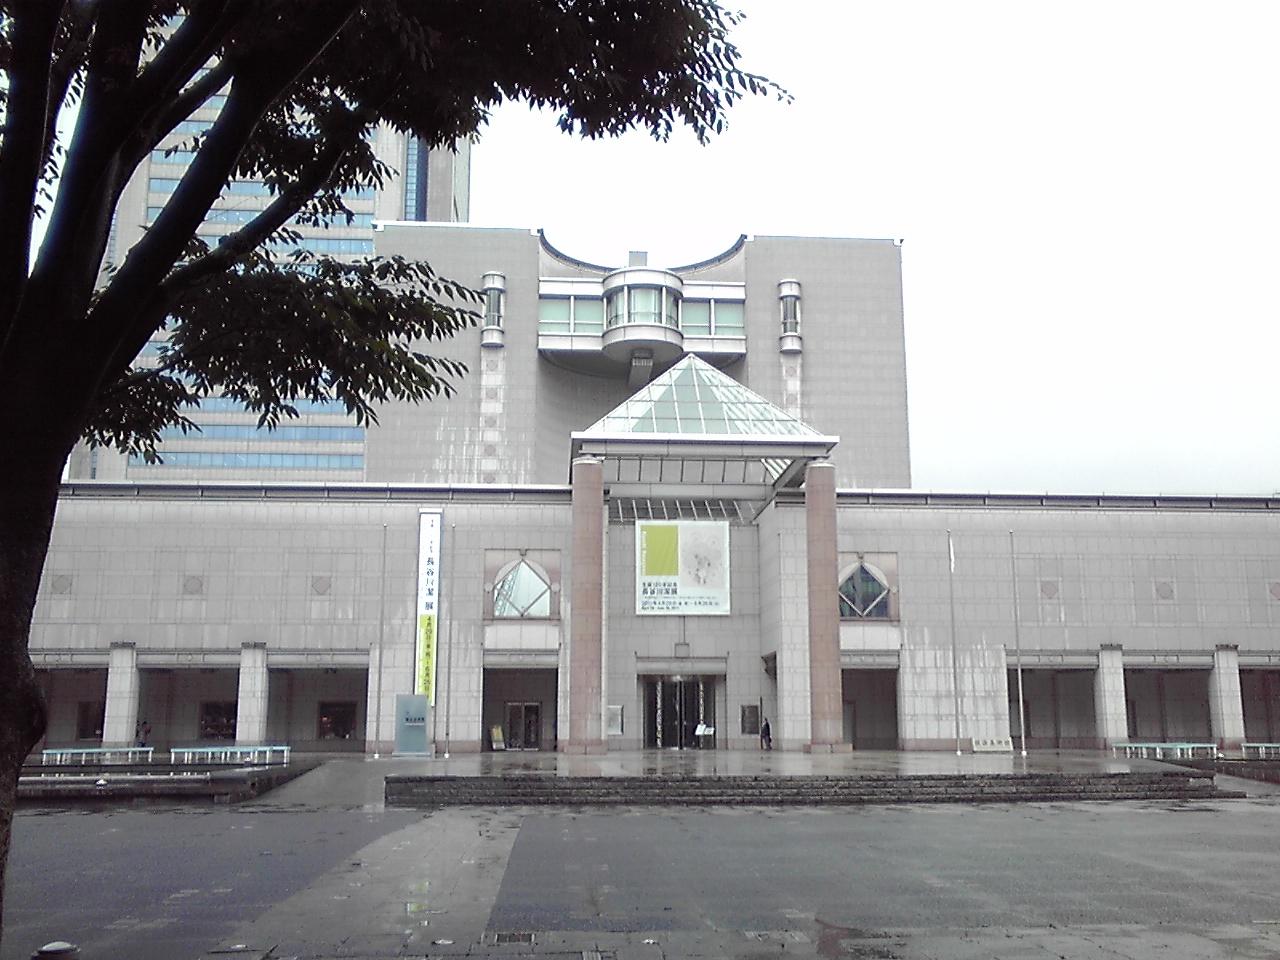 横浜美術館『長谷川潔展』へ行ってきました